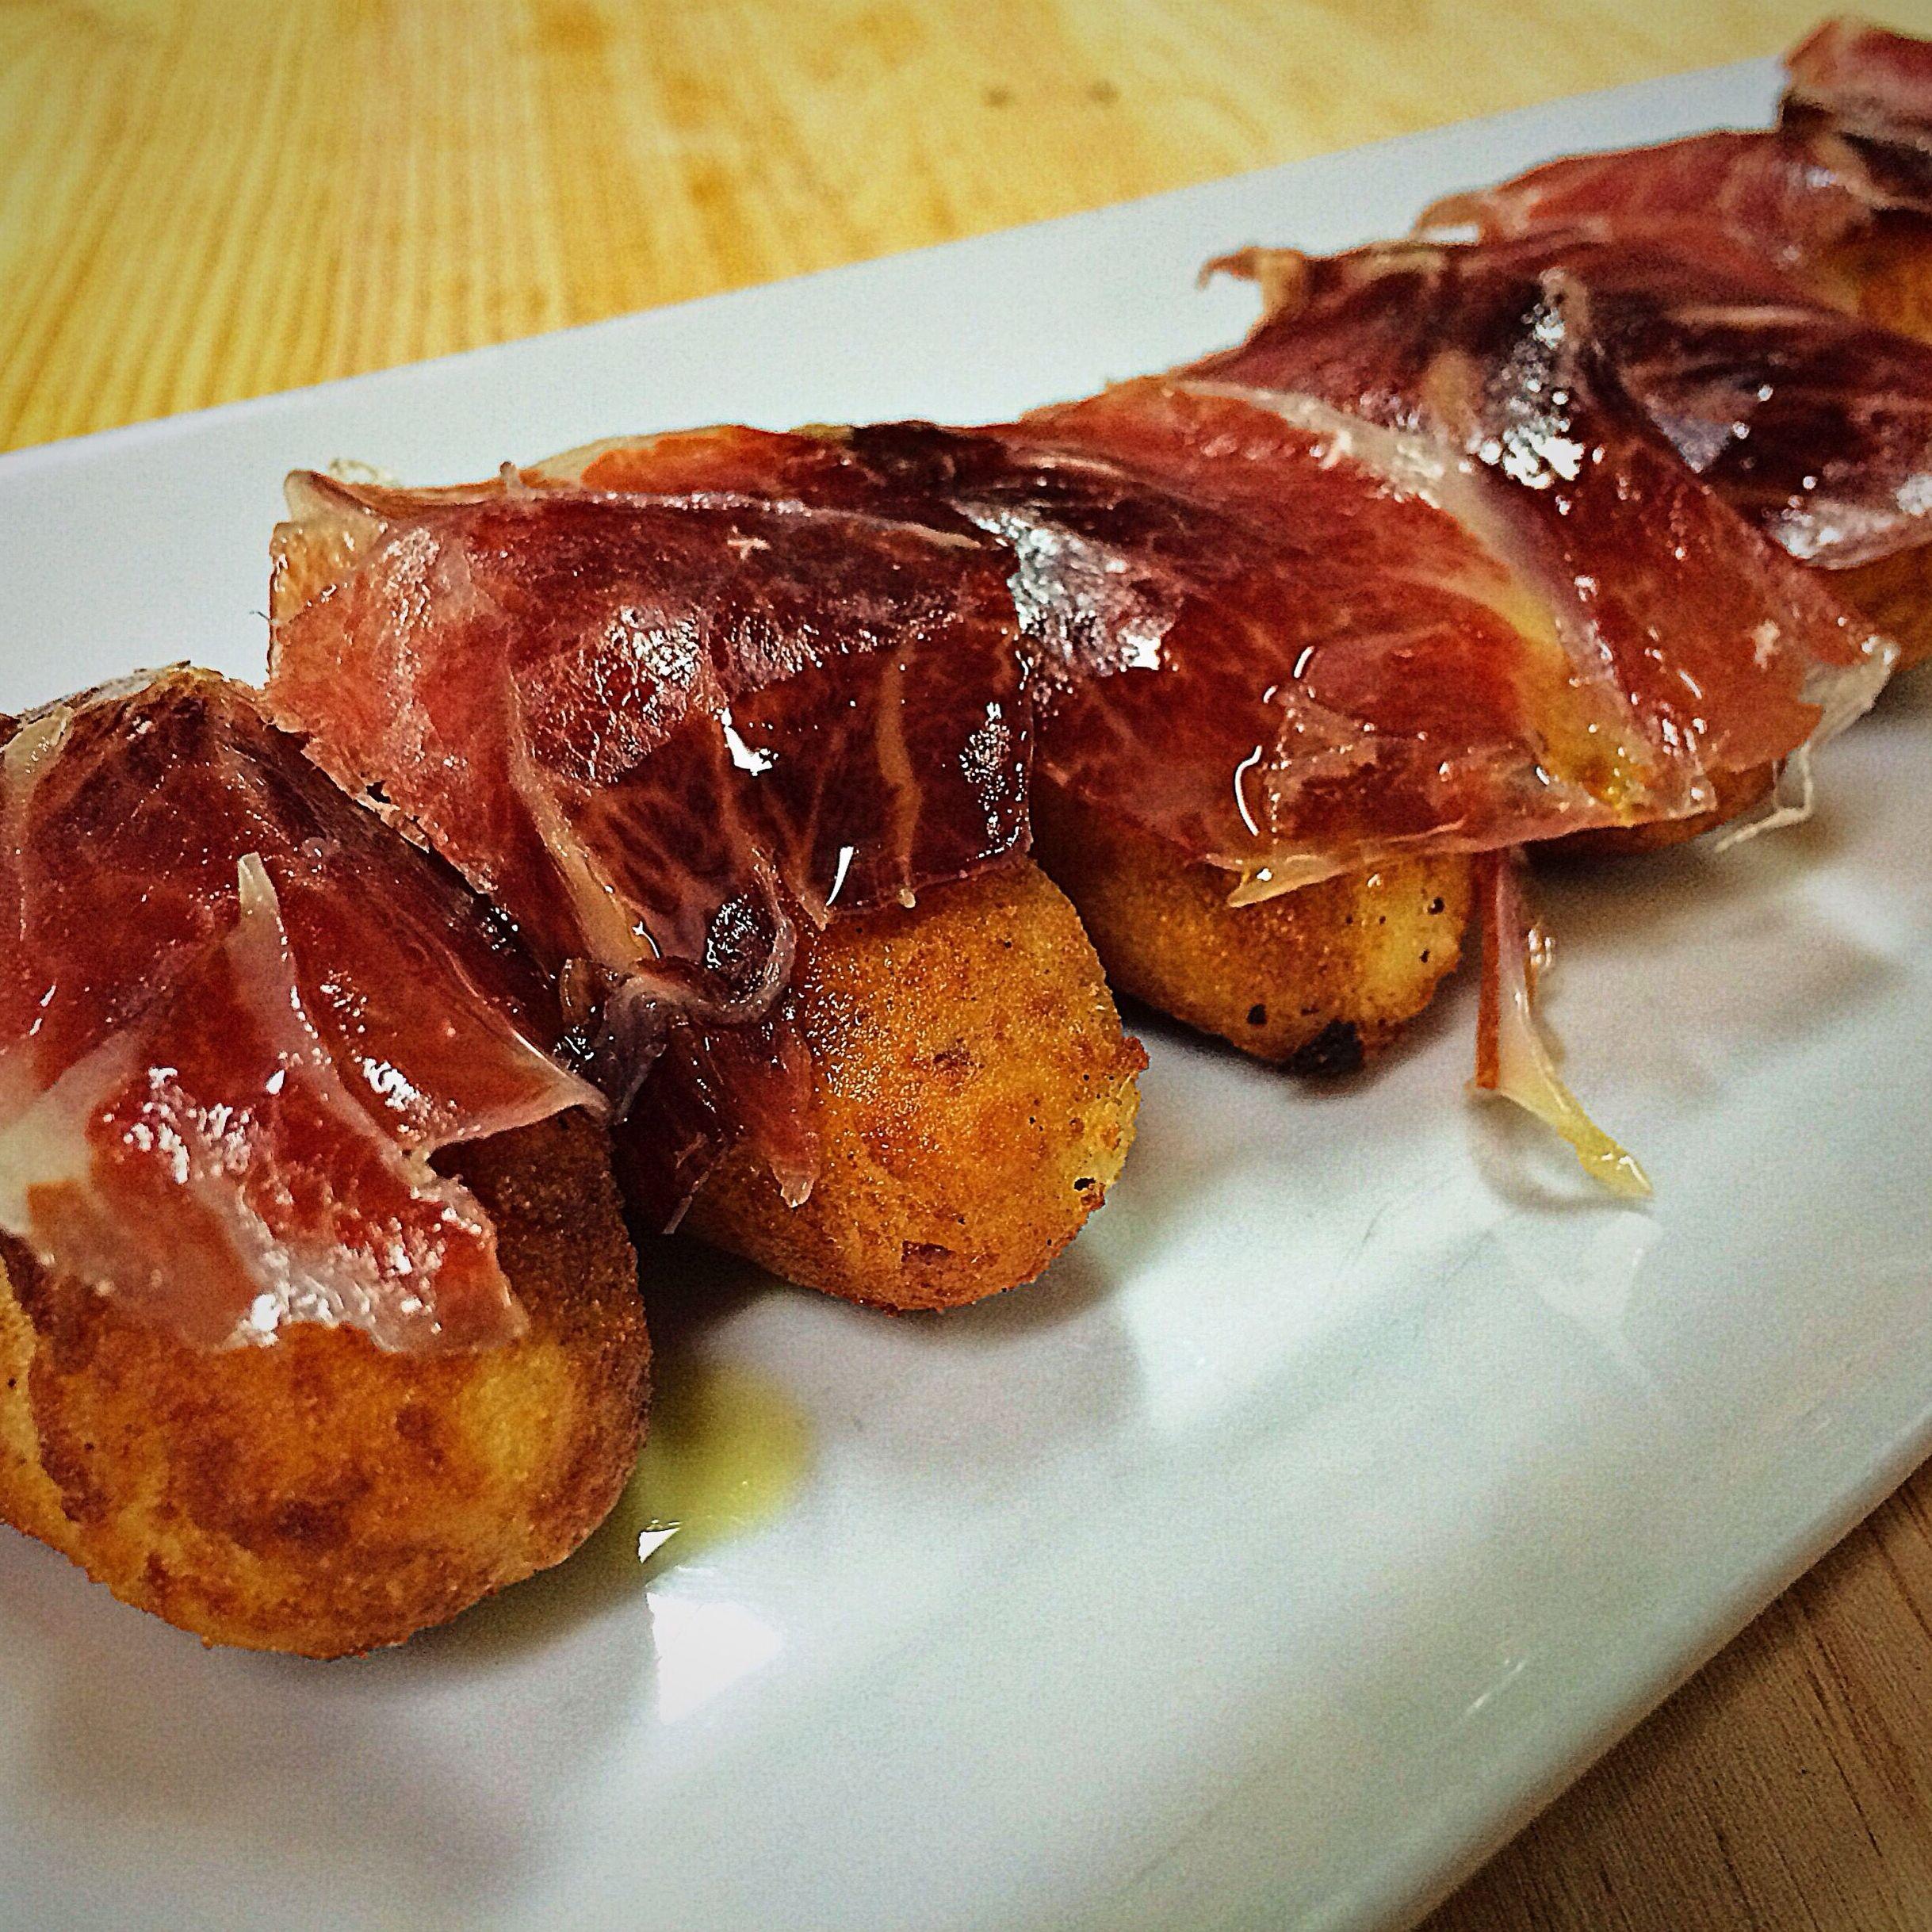 Foto 15 de Cocina gallega en Madrid | Restaurante Rías Bajas Clara del Rey